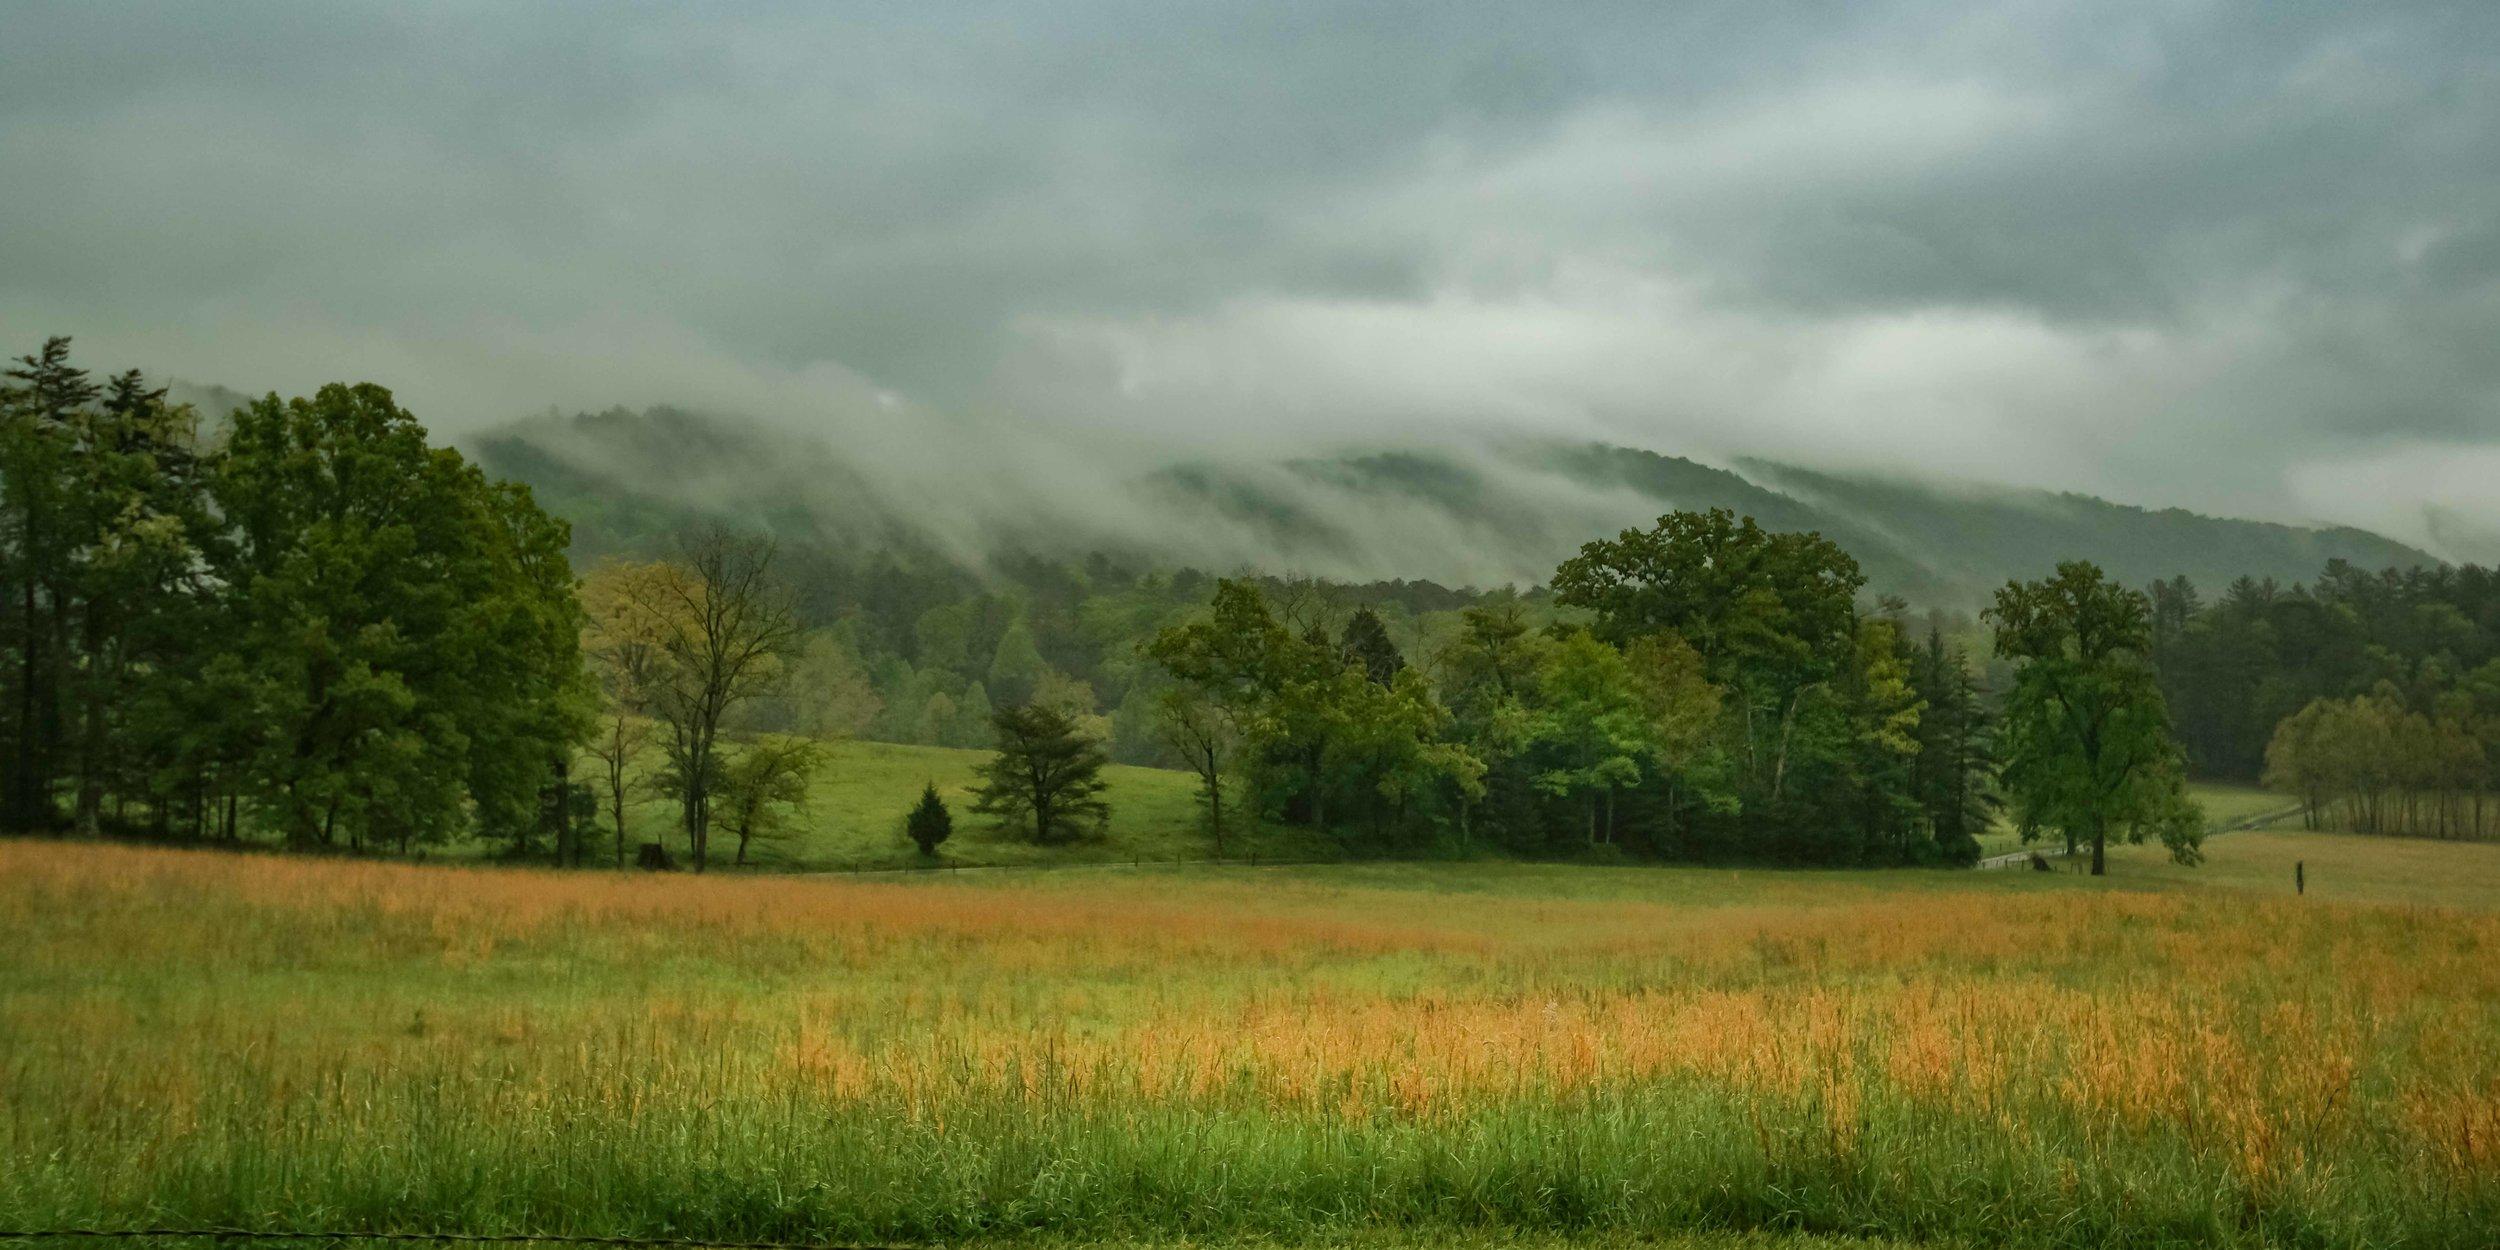 Smokey mountains_-3.jpg